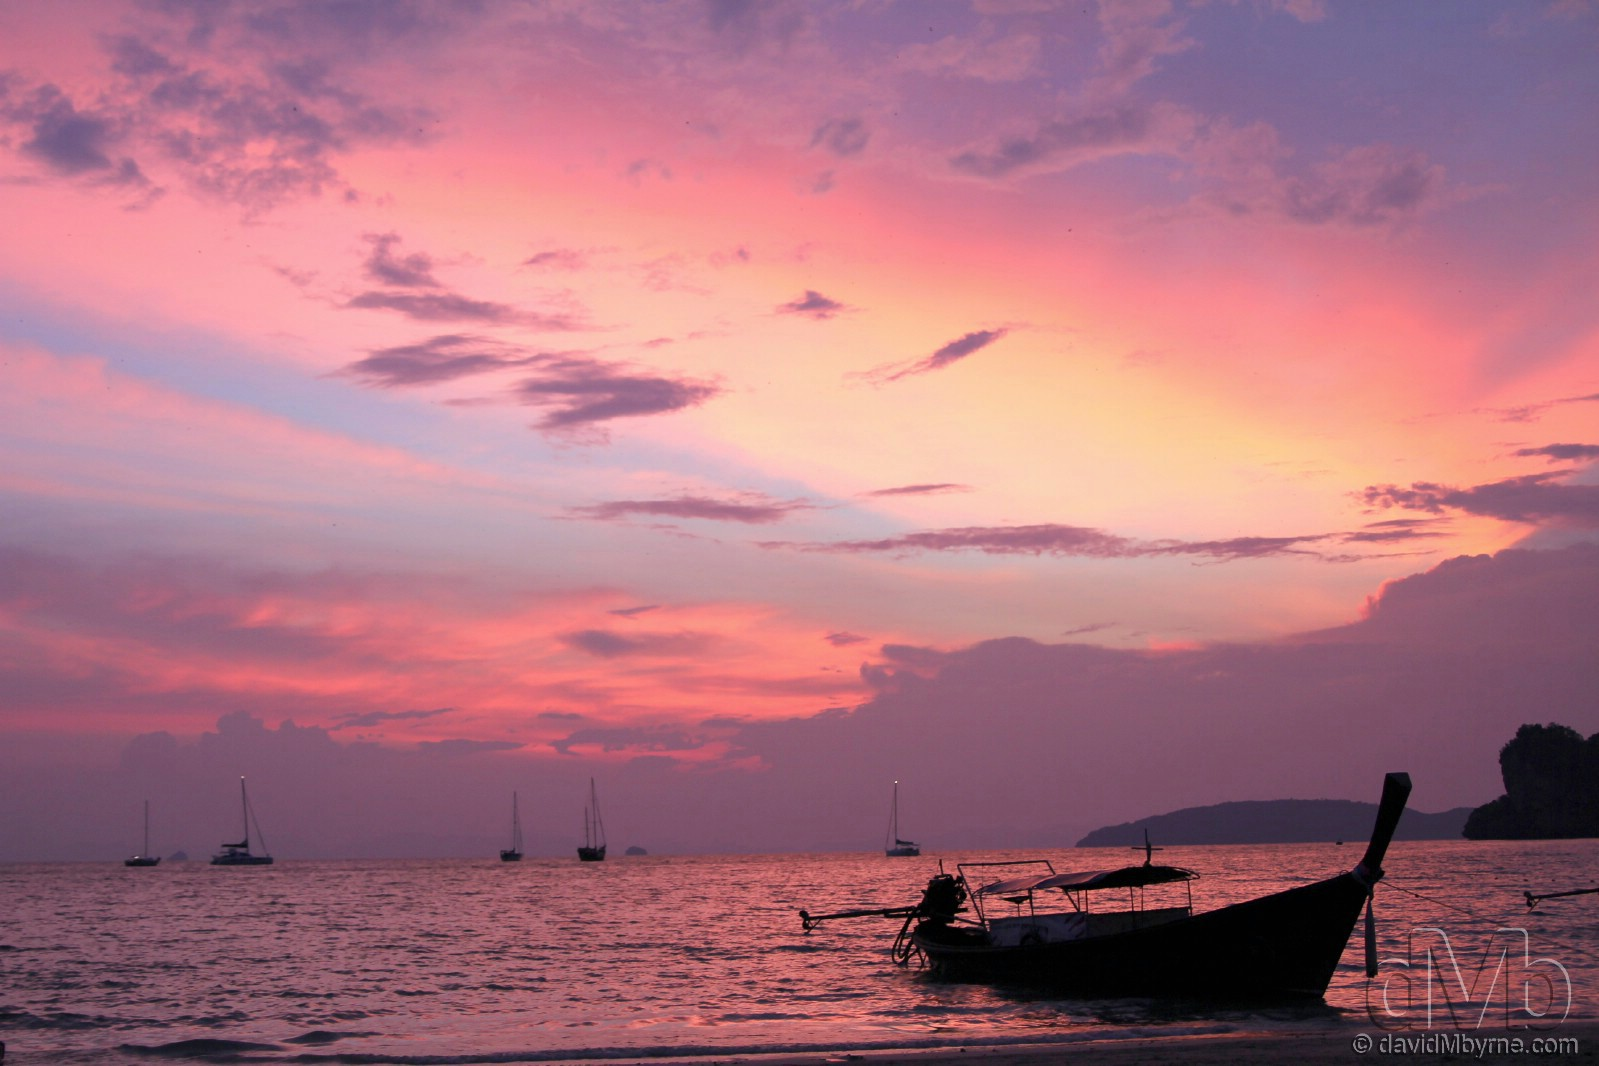 Hat Rai Leh West beach, Railay, Krabi, Thailand. March 19th, 2012.